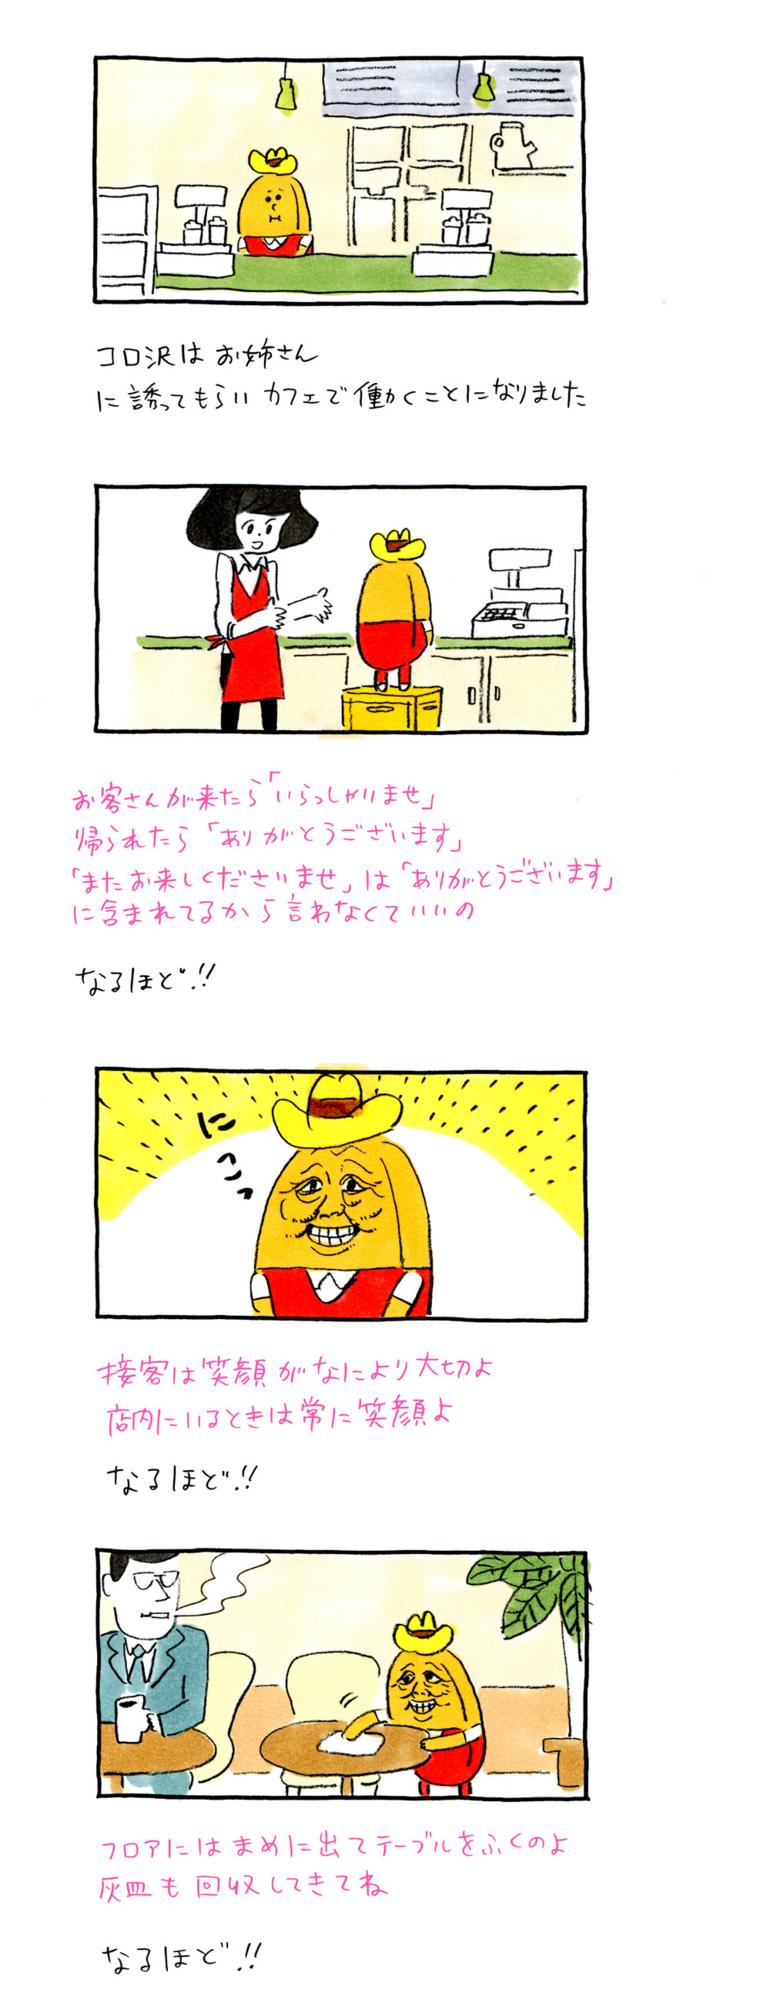 f:id:kakijiro:20151124102036j:plain